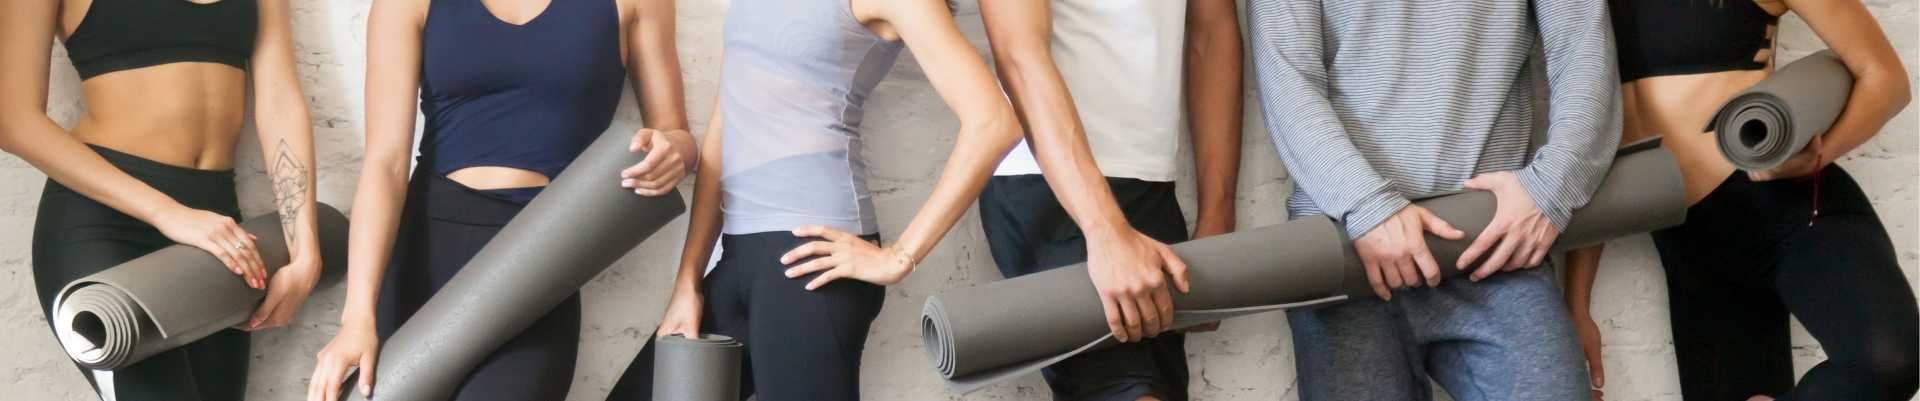 קורס מורי יוגה, קורס מדריכי יוגה , קורס מורים ליוגה, קורס מדריכי יוגה תרפיה, לימודים מורי יוגה, יוגה תרפיה לימודים, יוגה טיפולית לימודים, לימודי מורי יוגה